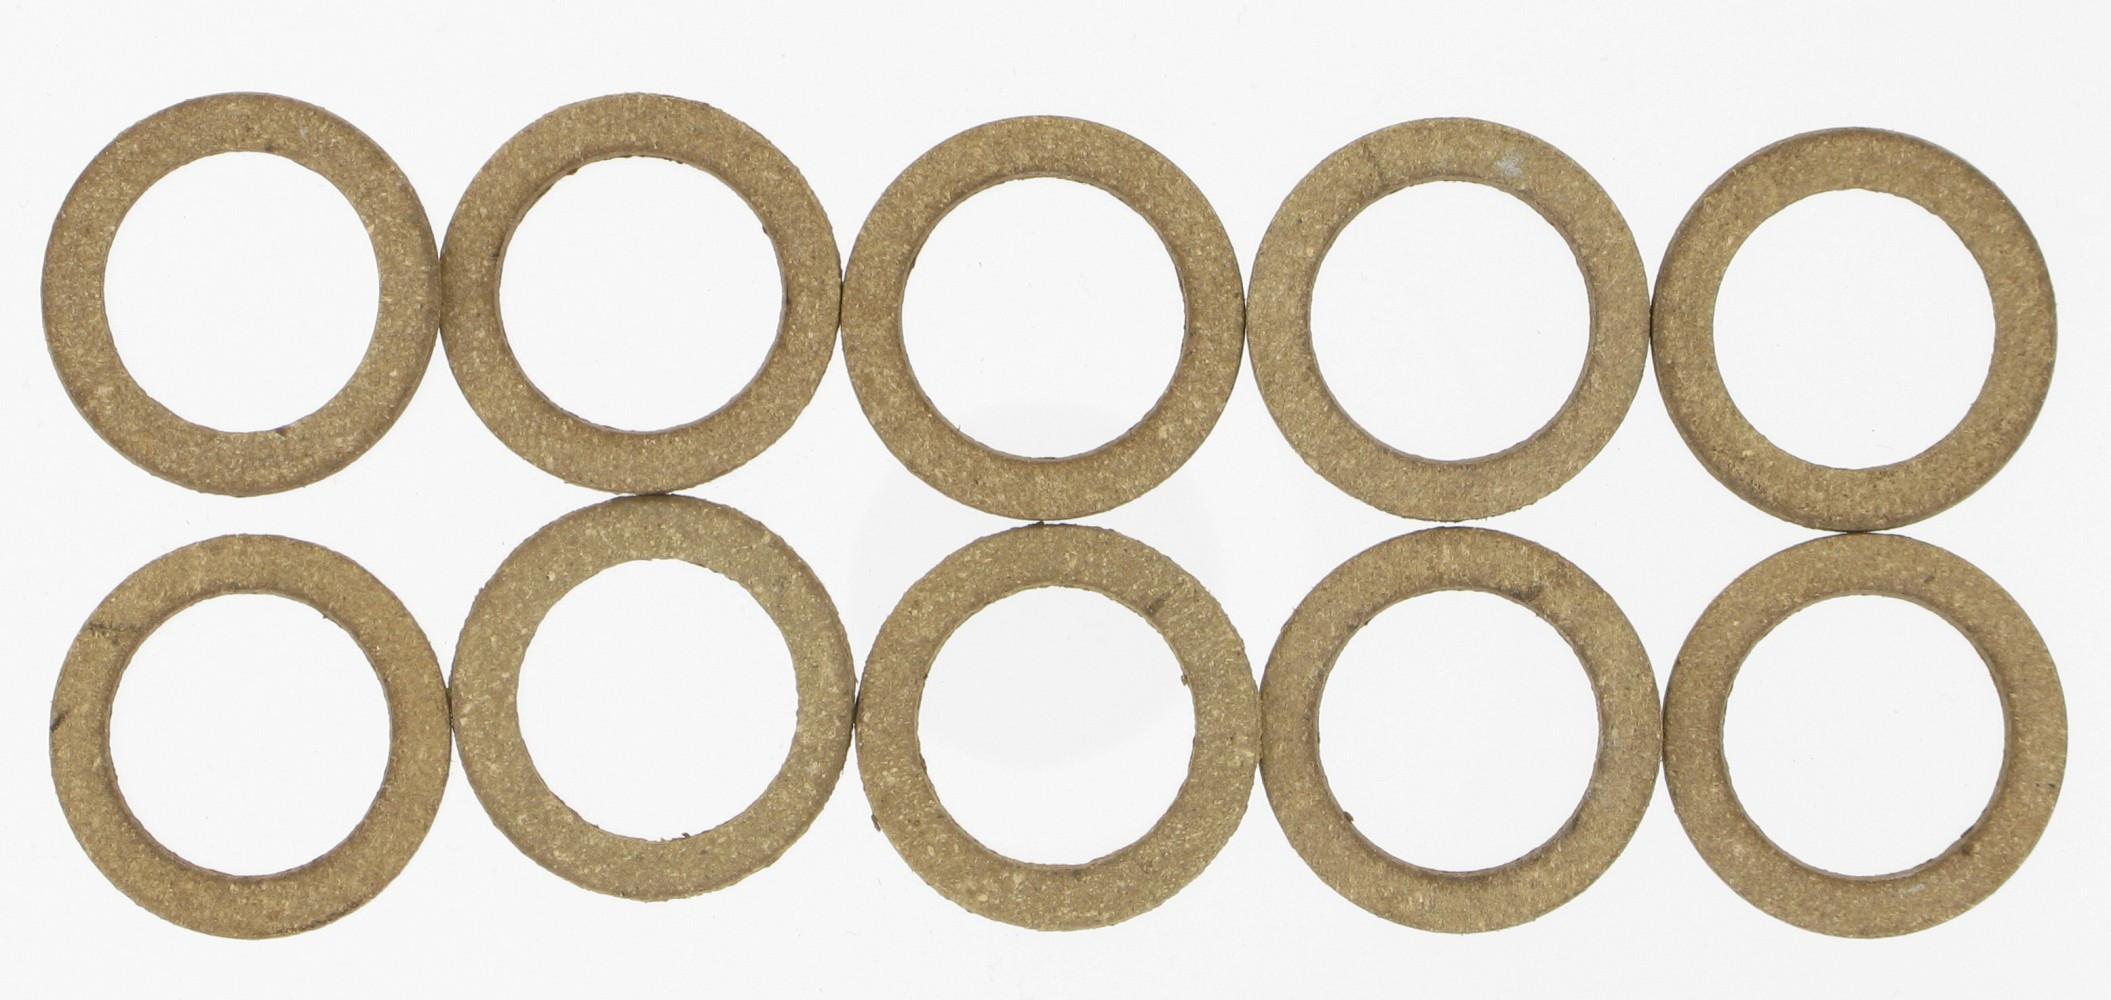 Lot de 10 joints cuir, 12/17 mm COMAP